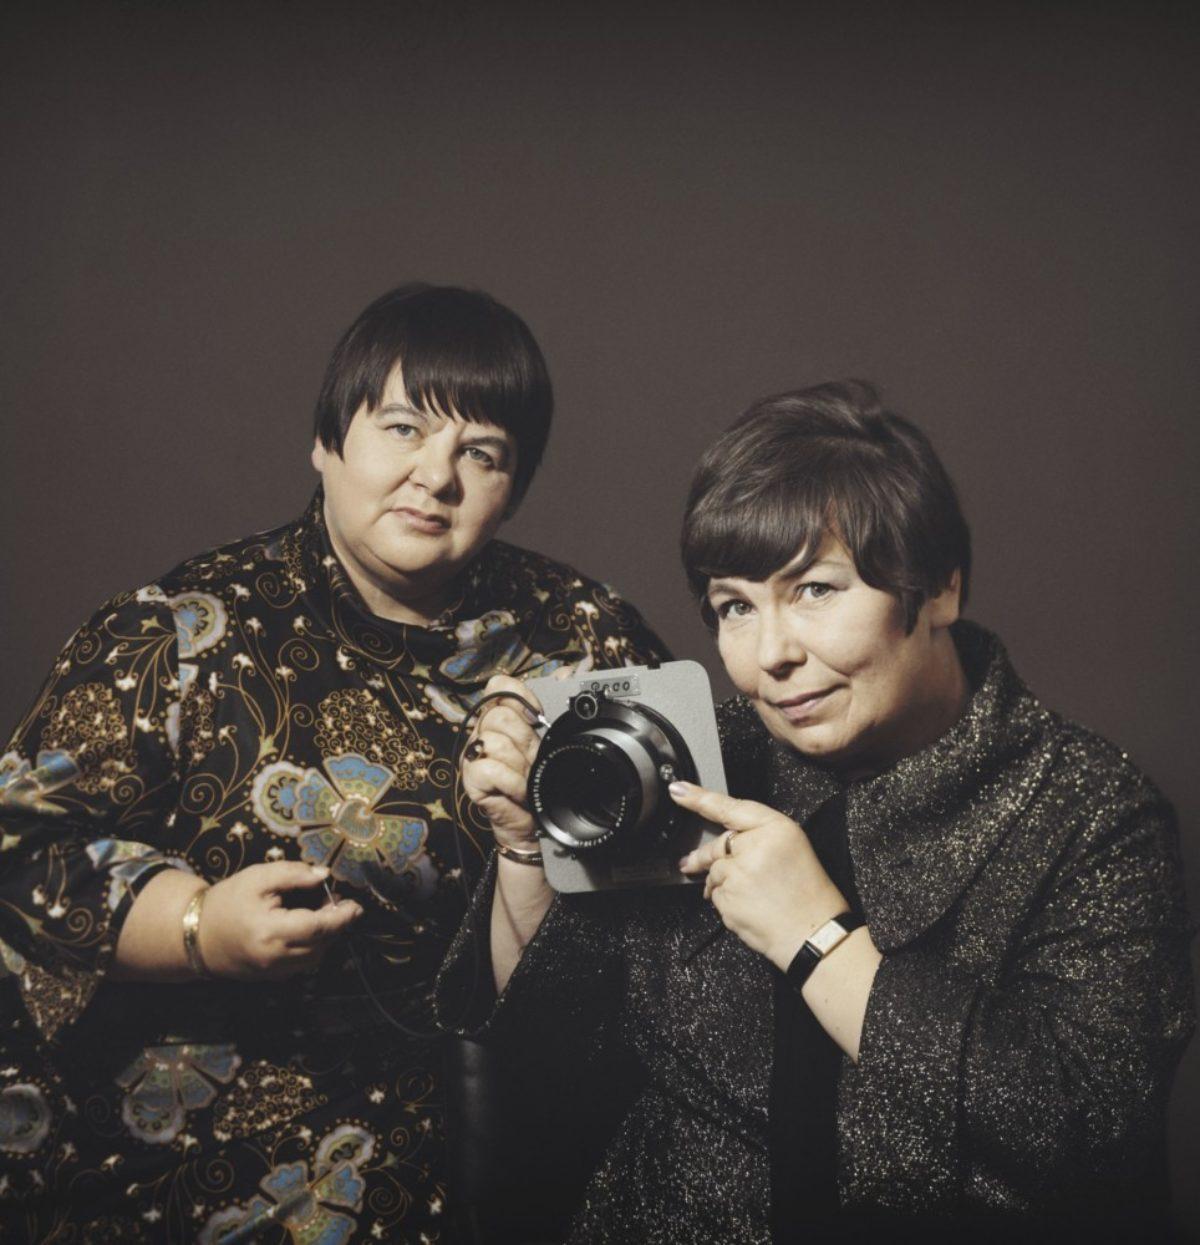 Kuvasiskot-fotograferna Eila Marjala och Margit Ekman, 1971. Foto: Kuvasiskot / Museiverkets Bildsamlingar